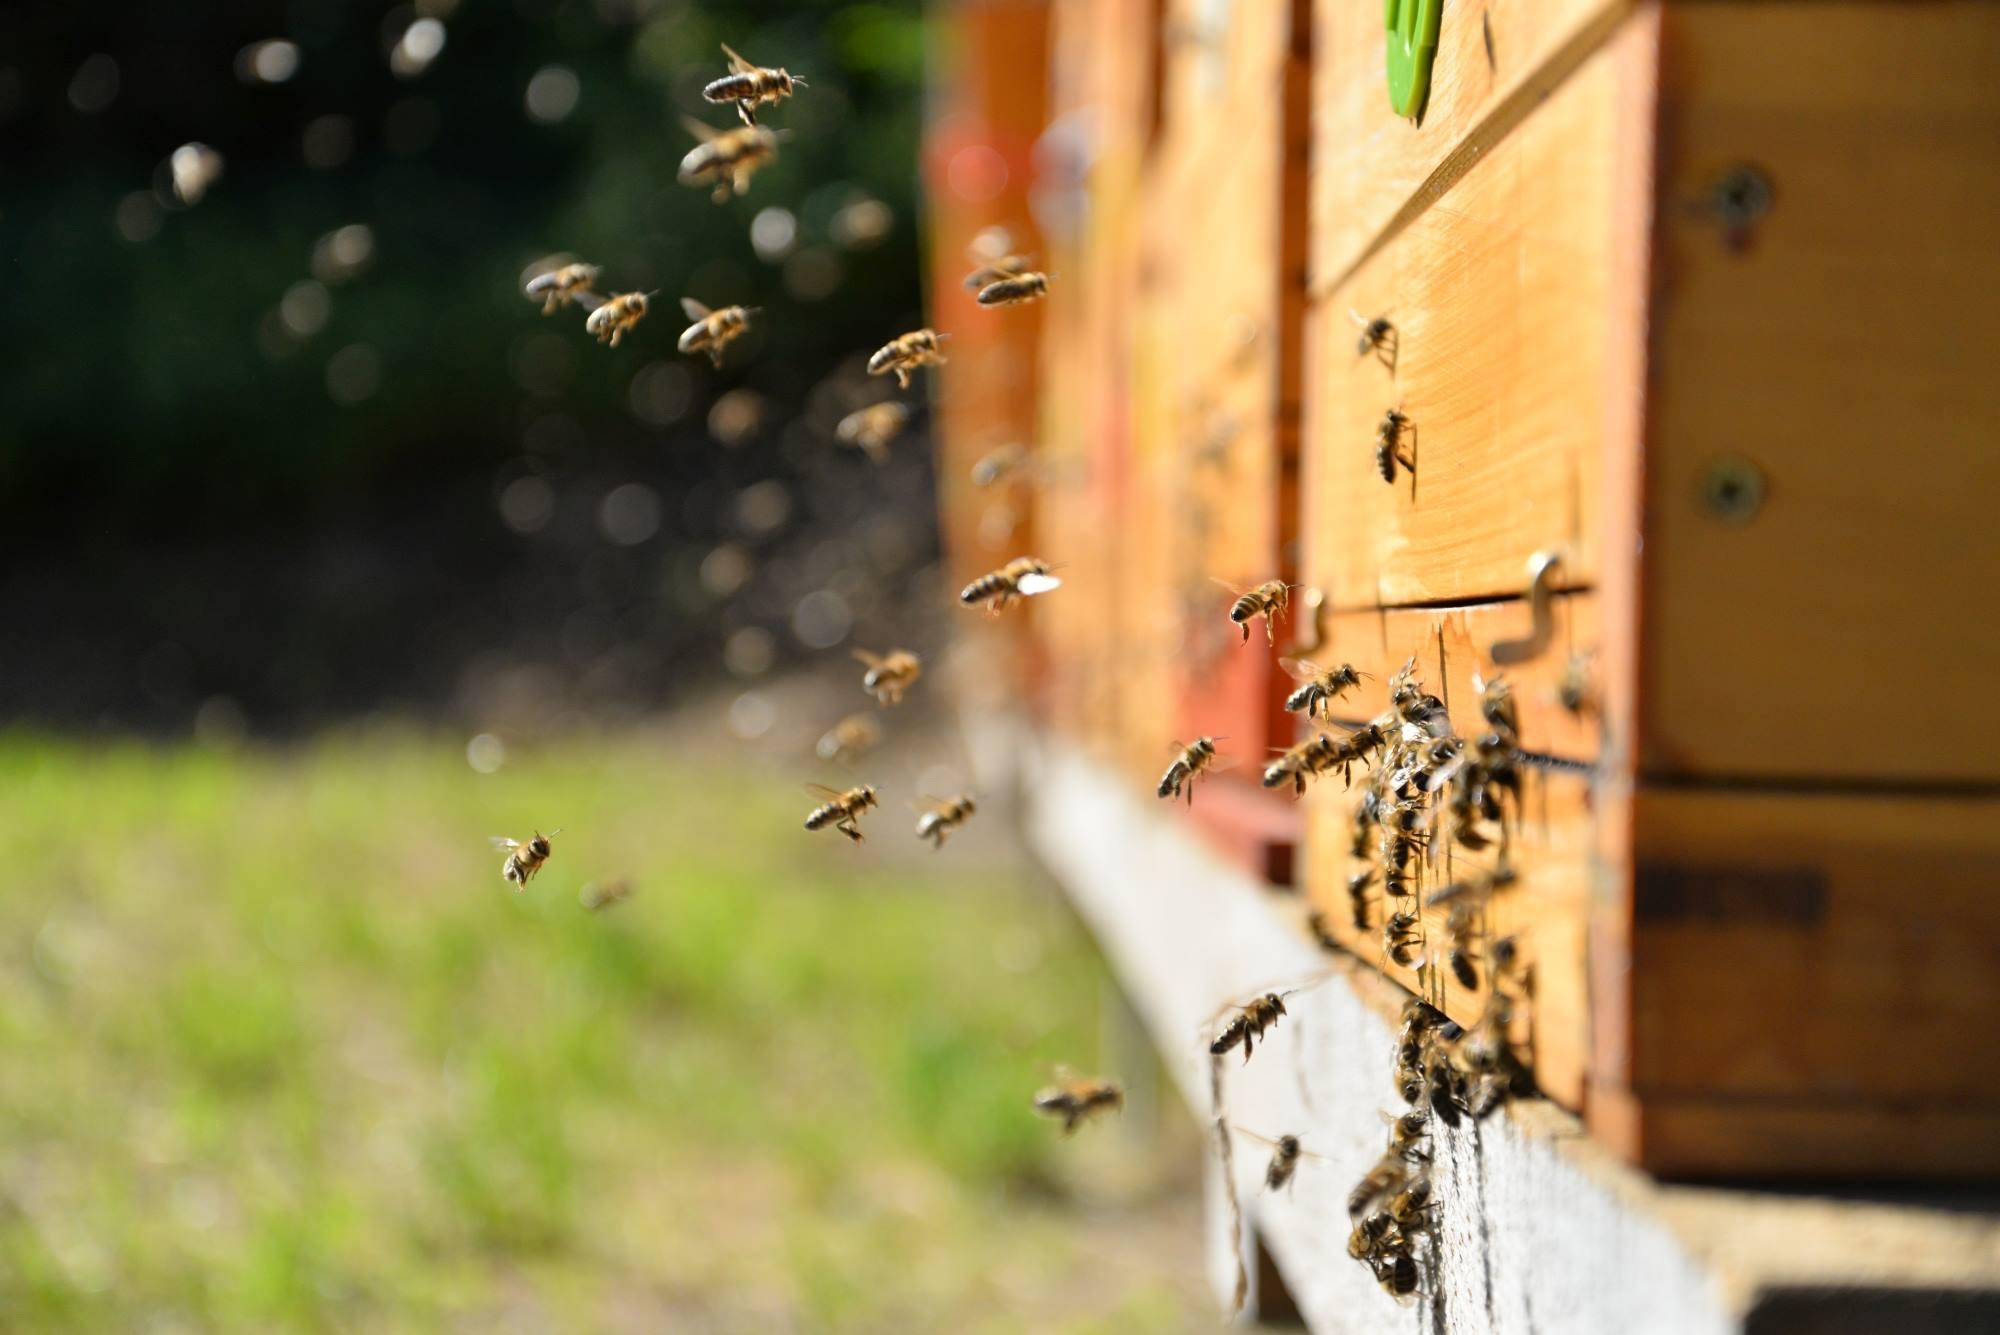 Kde včelaří Včelárium